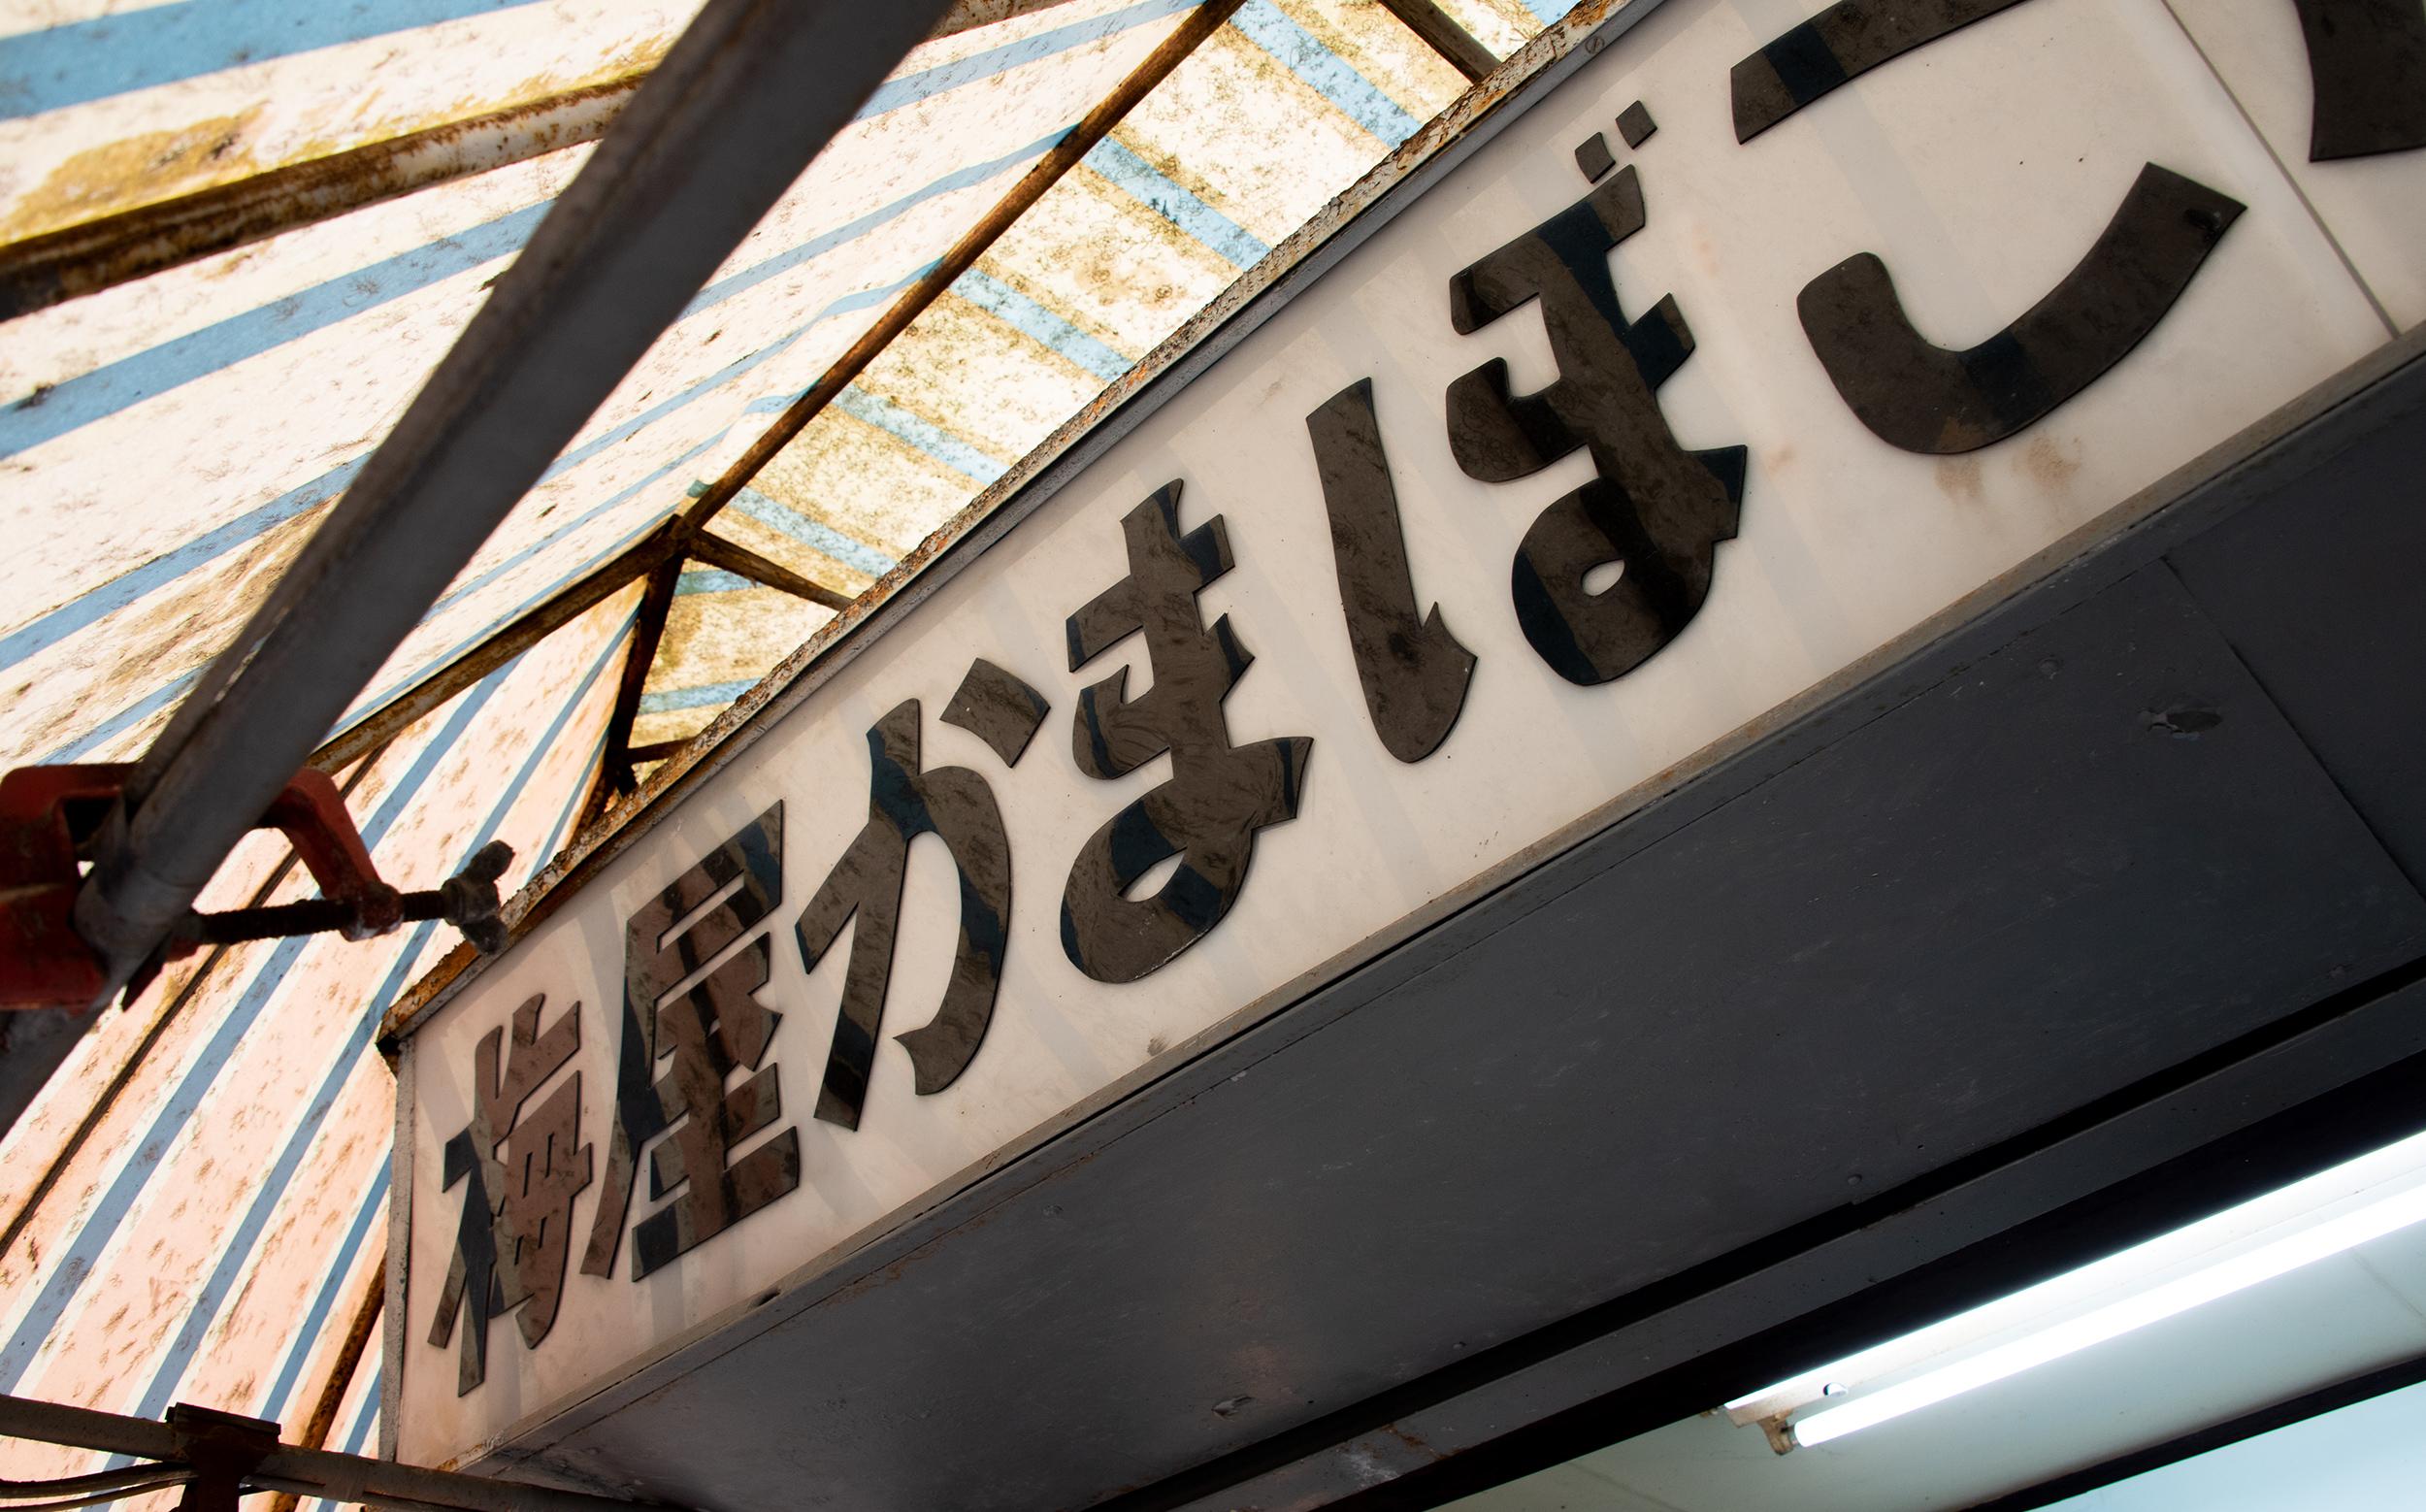 東京都八王子市長房町 長房新栄商店街:梅屋蒲鉾店